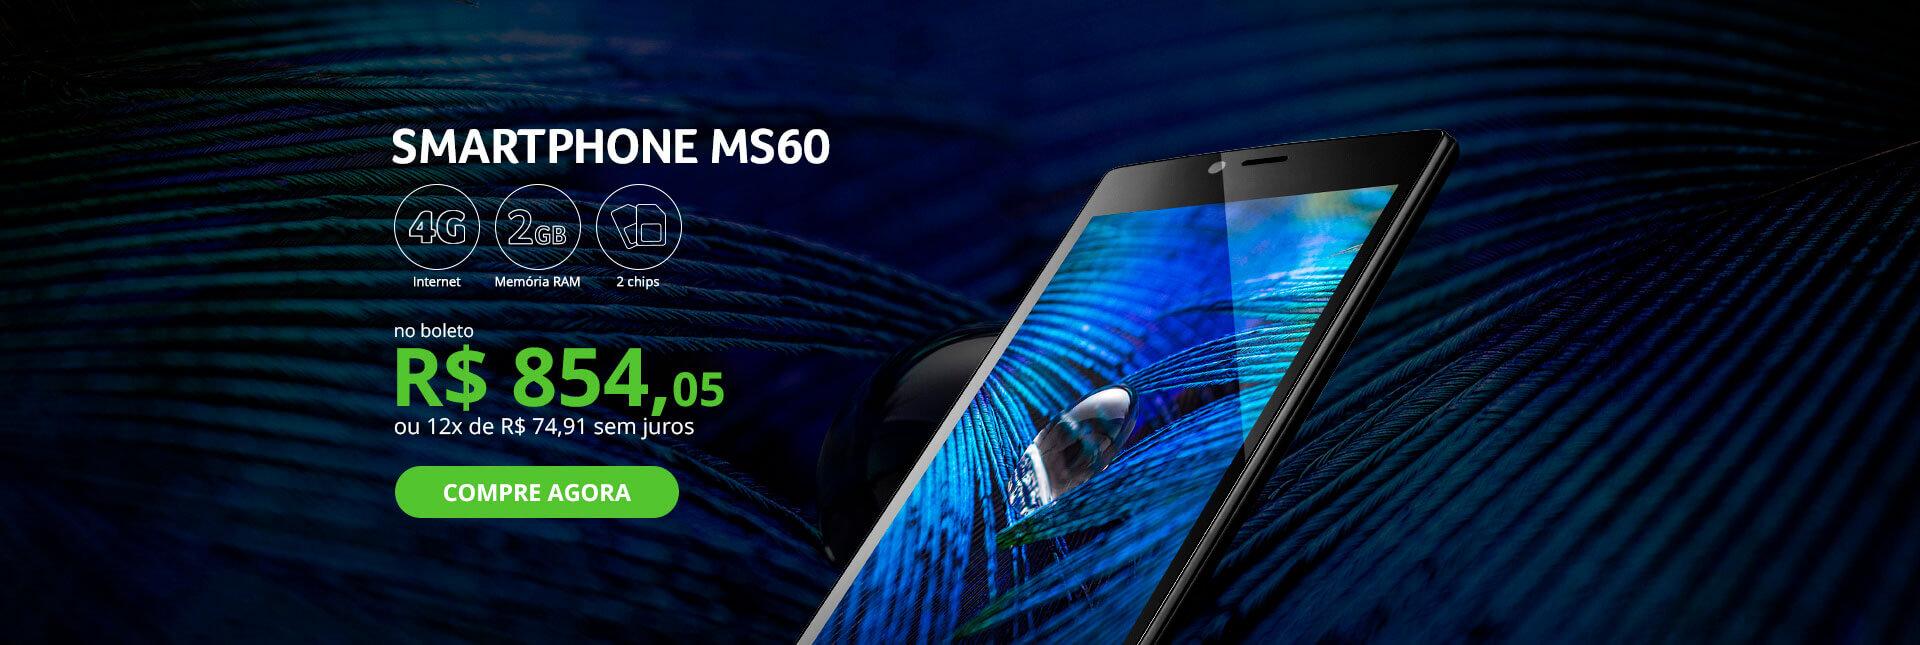 Smartphone MS60